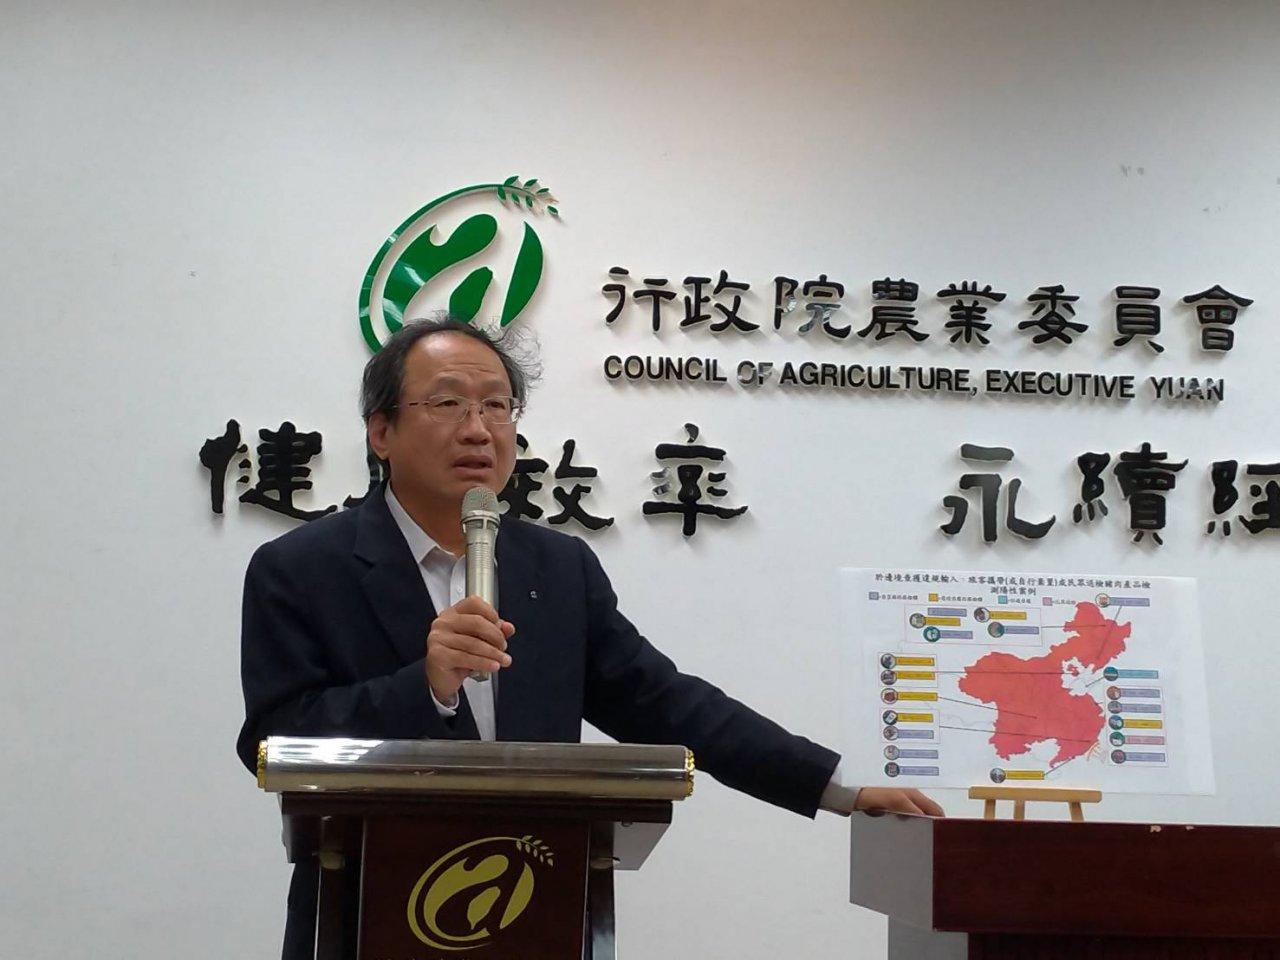 中國豬製品非洲豬瘟陽性率仍高  春節入境勿攜帶